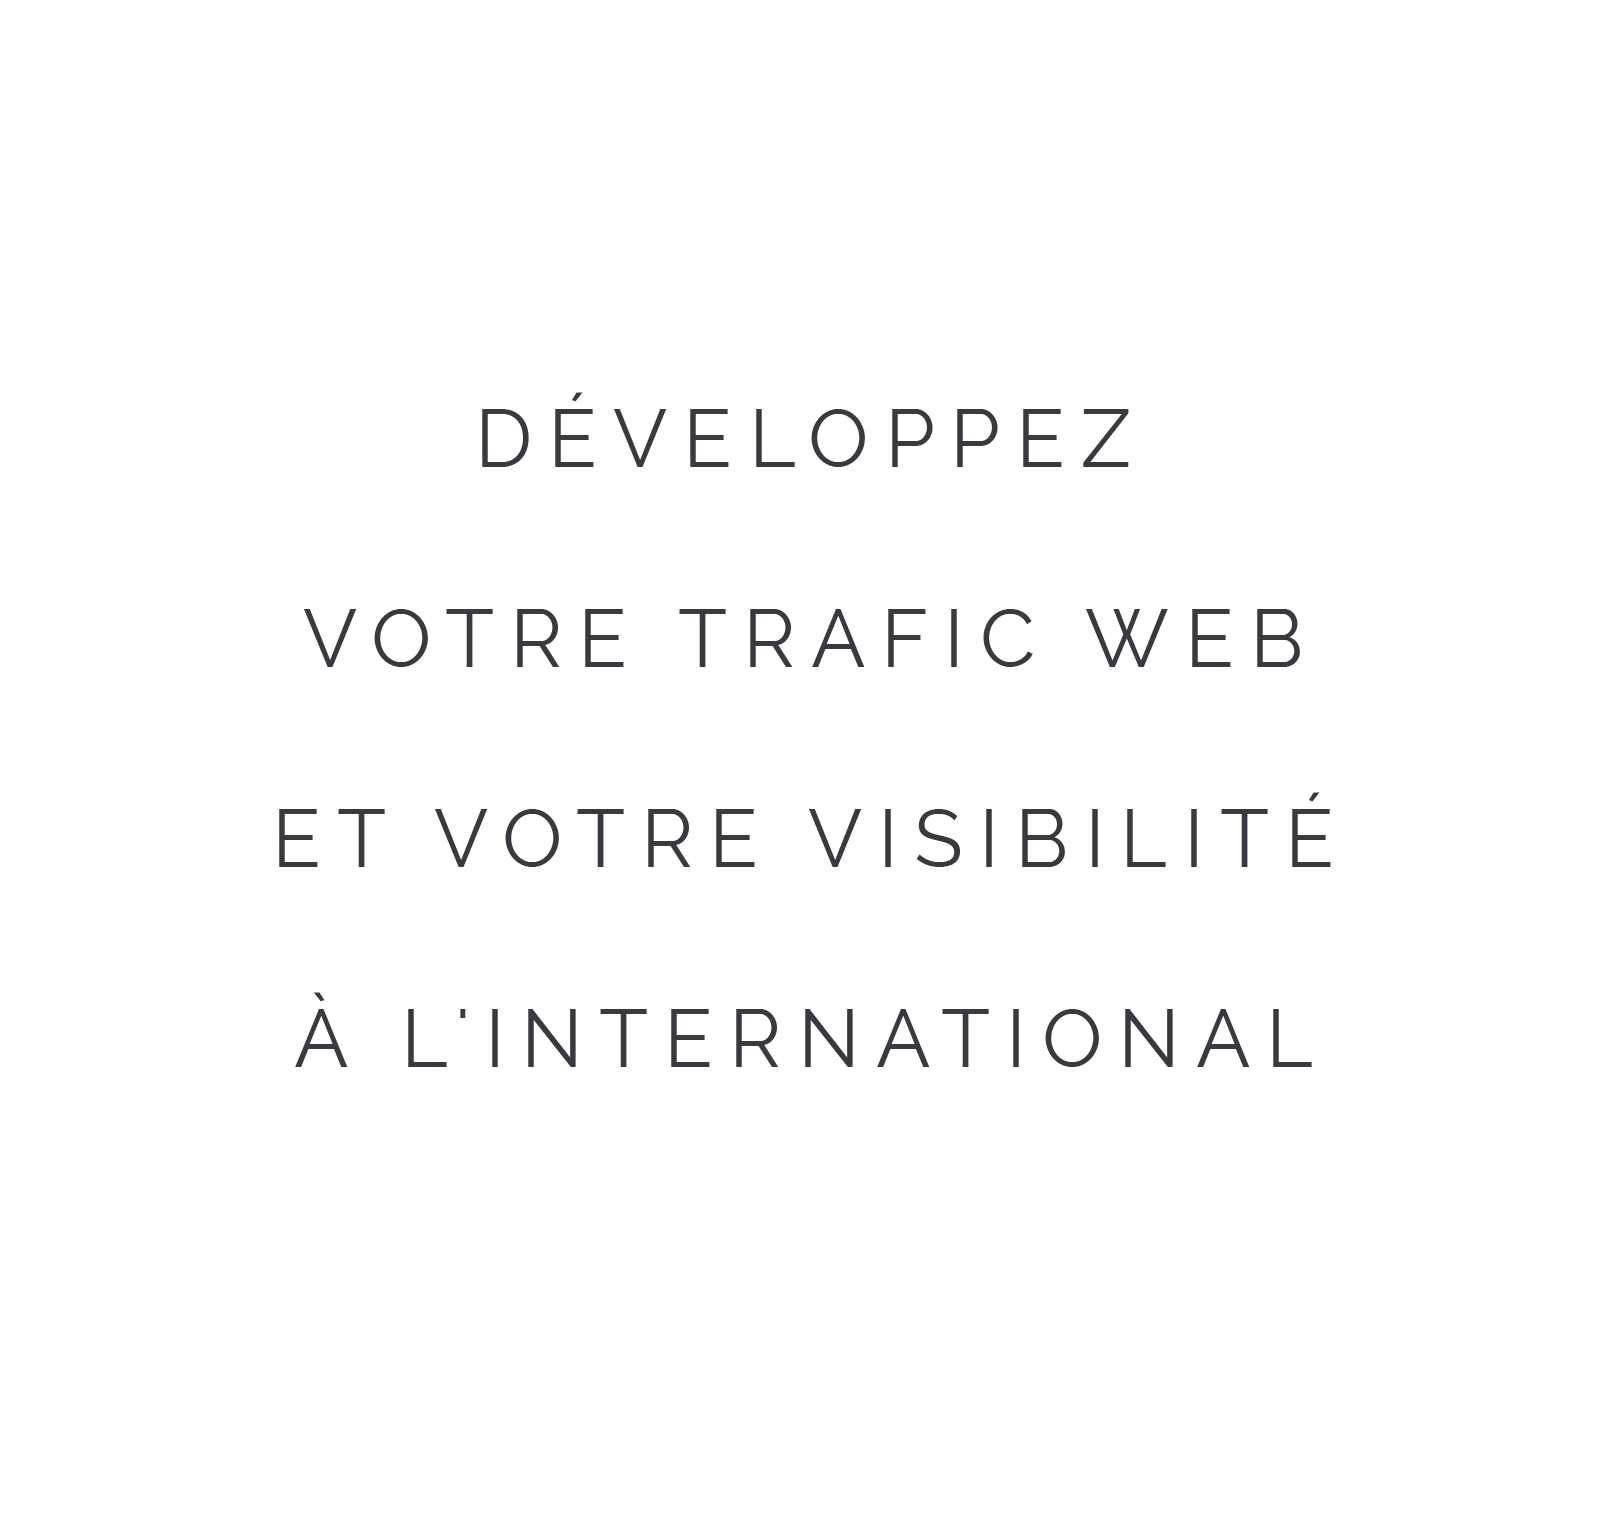 Développez votre trafic web et votre visibilté à l'international